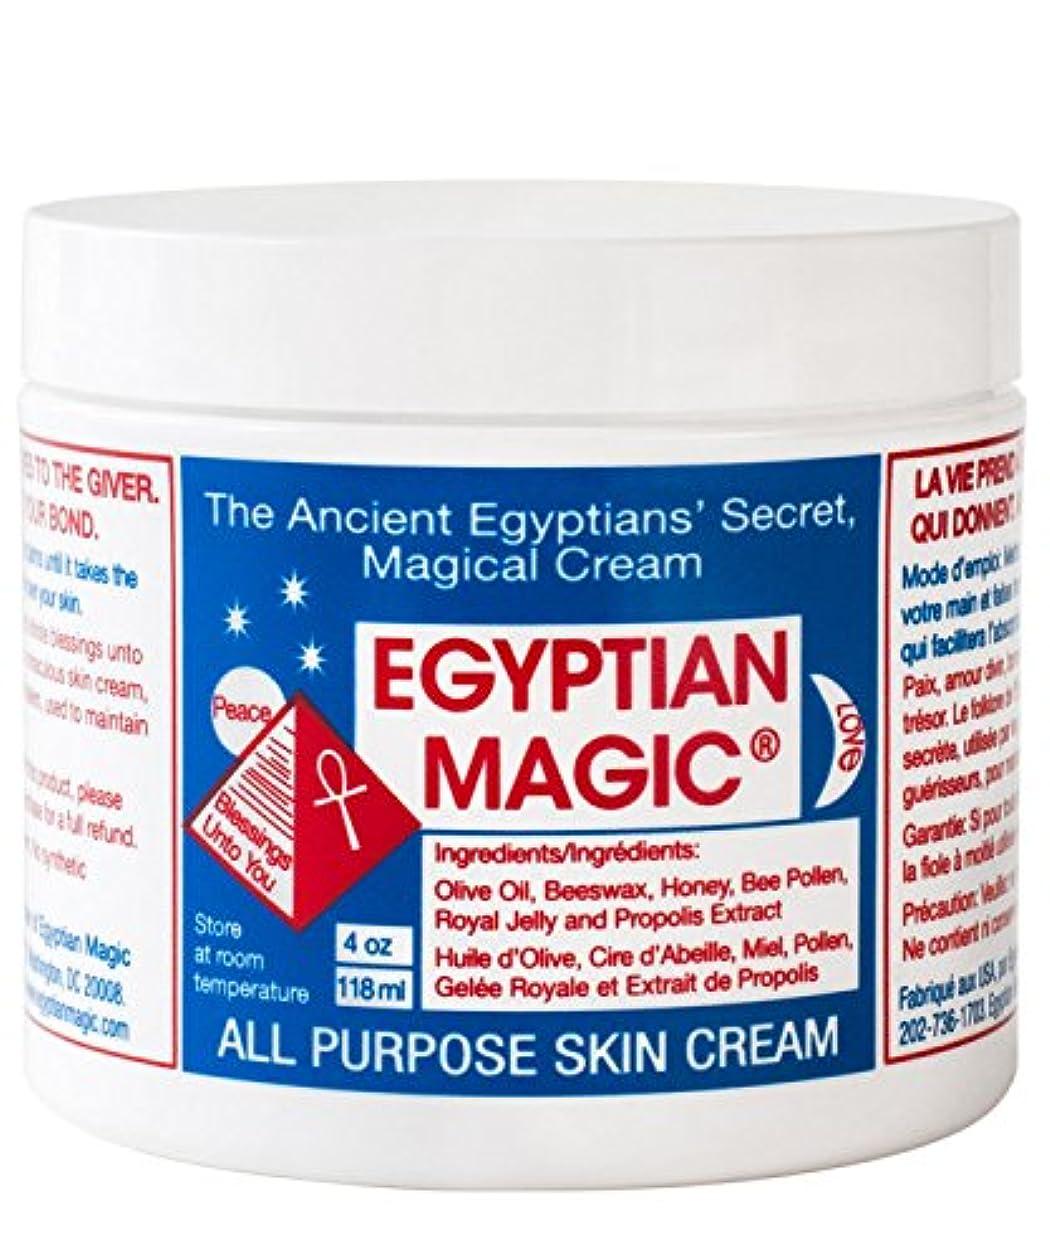 コーデリア優先権親密なEgyptian Magic All Purpose Skin Cream 118ml (Pack of 6) - エジプトの魔法の万能スキンクリーム118ミリリットル x6 [並行輸入品]